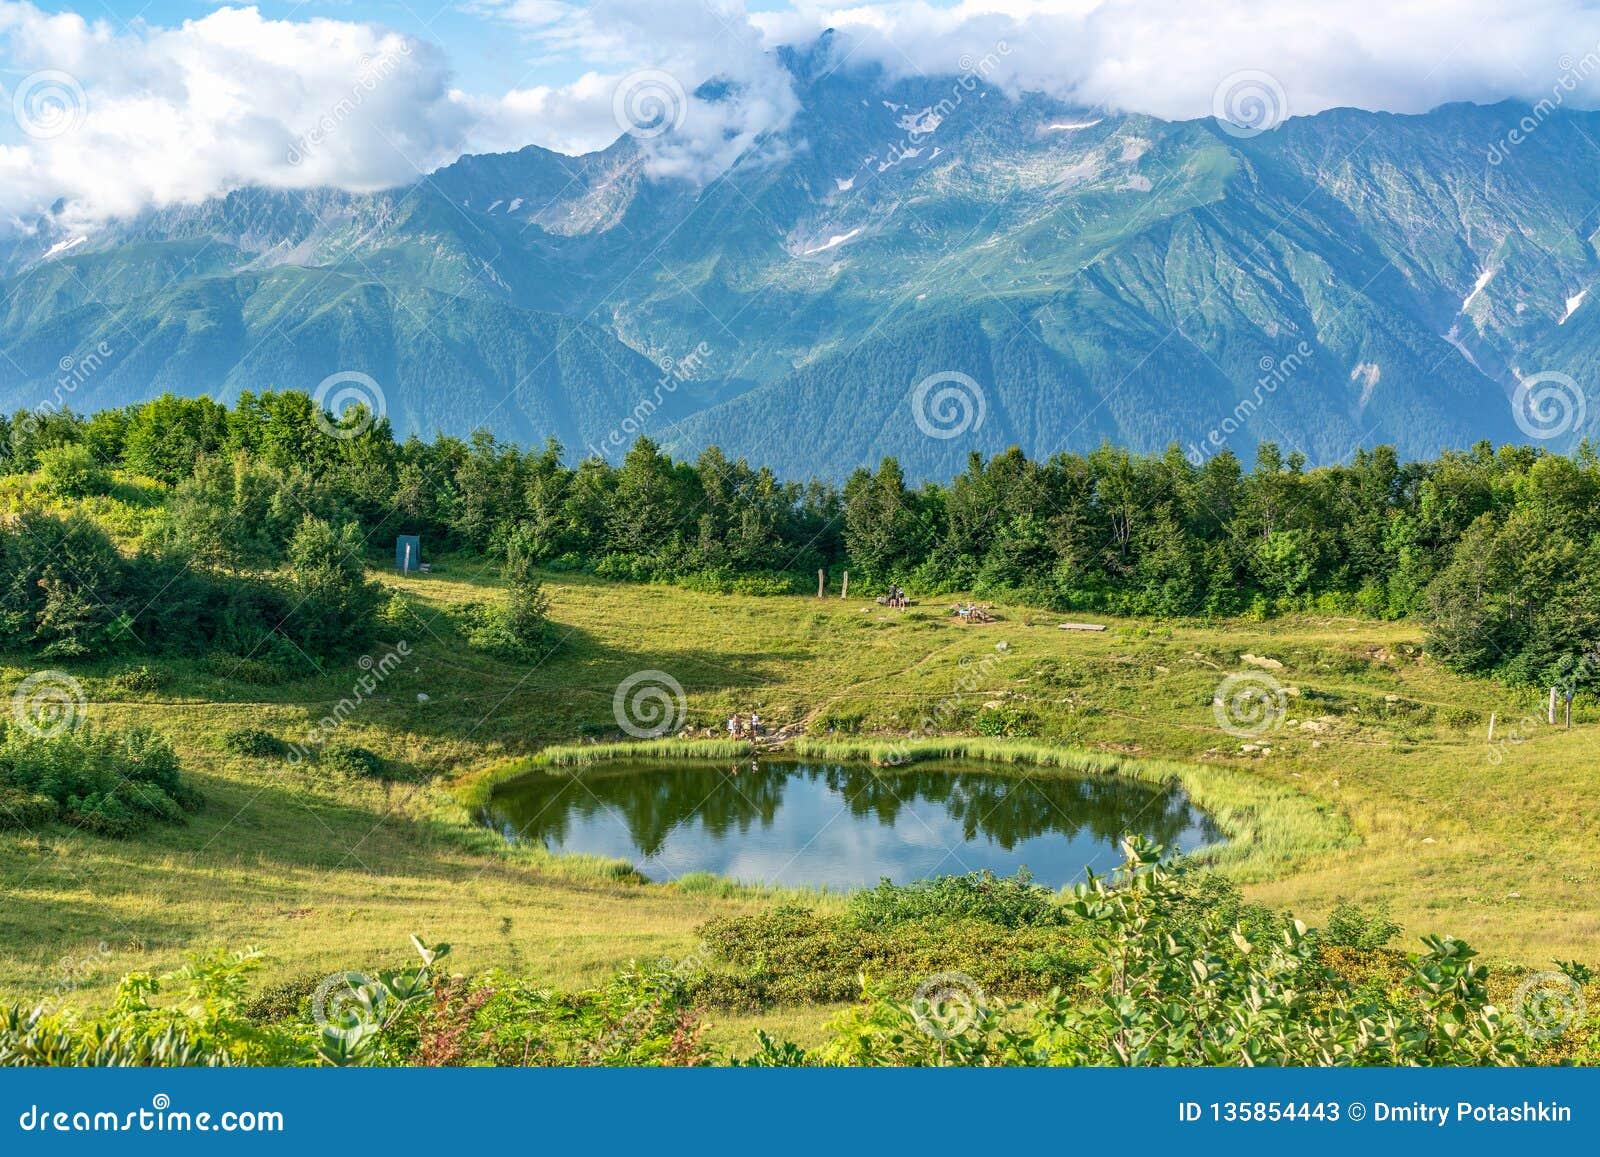 Vista di una radura della montagna con un lago trasparente dello specchio e turisti, circondati da erba ed alberi e alte montagne